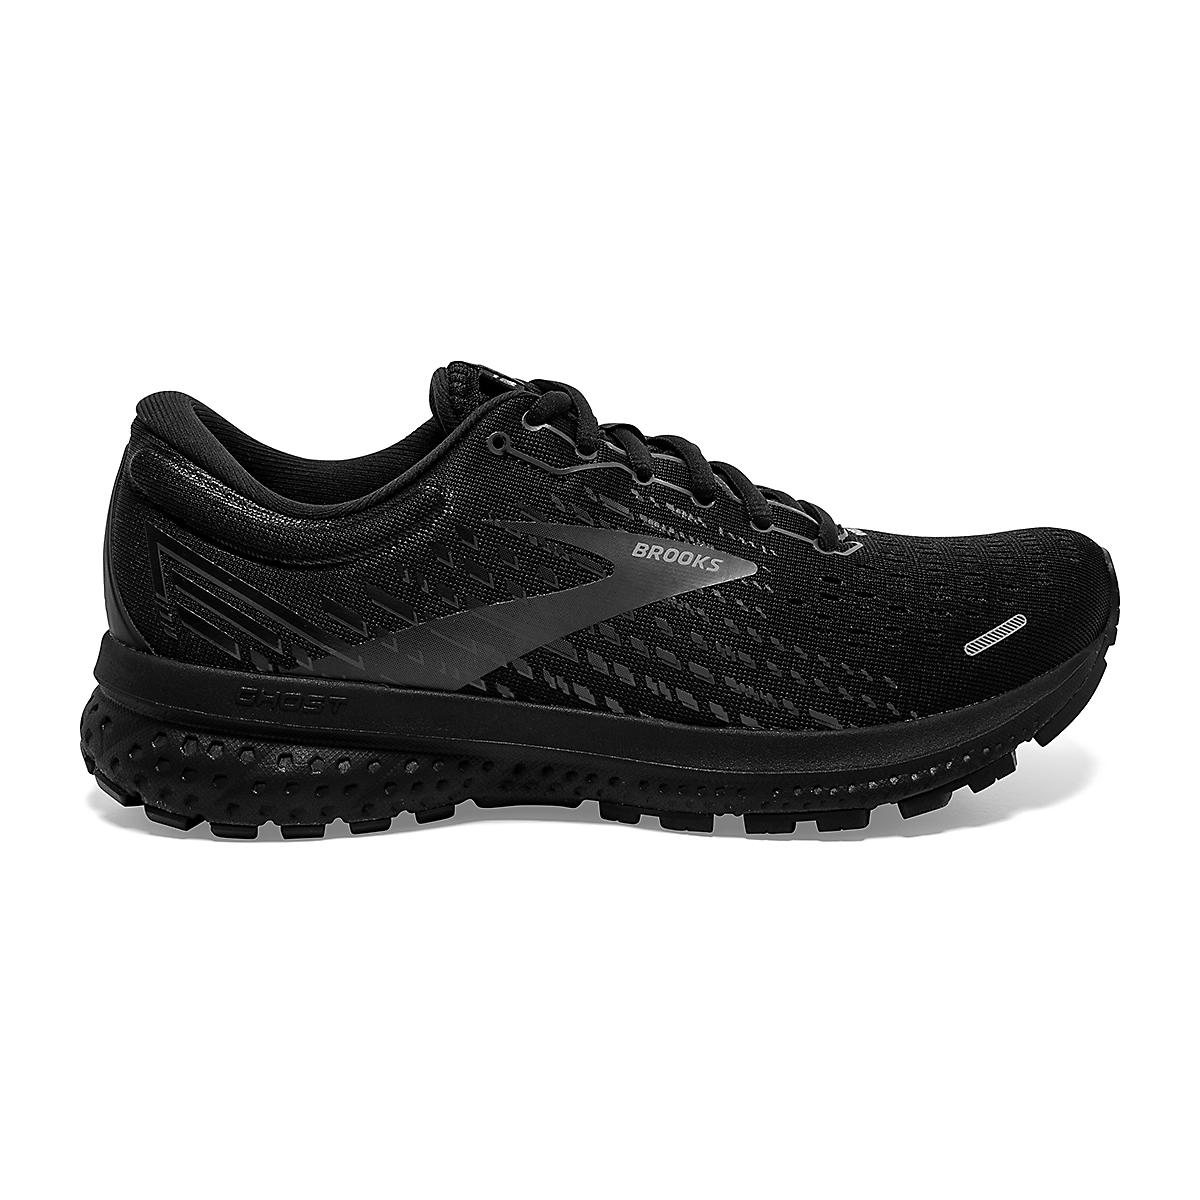 Women's Brooks Ghost 13 Running Shoe - Color: Black/Black - Size: 5 - Width: Regular, Black/Black, large, image 1